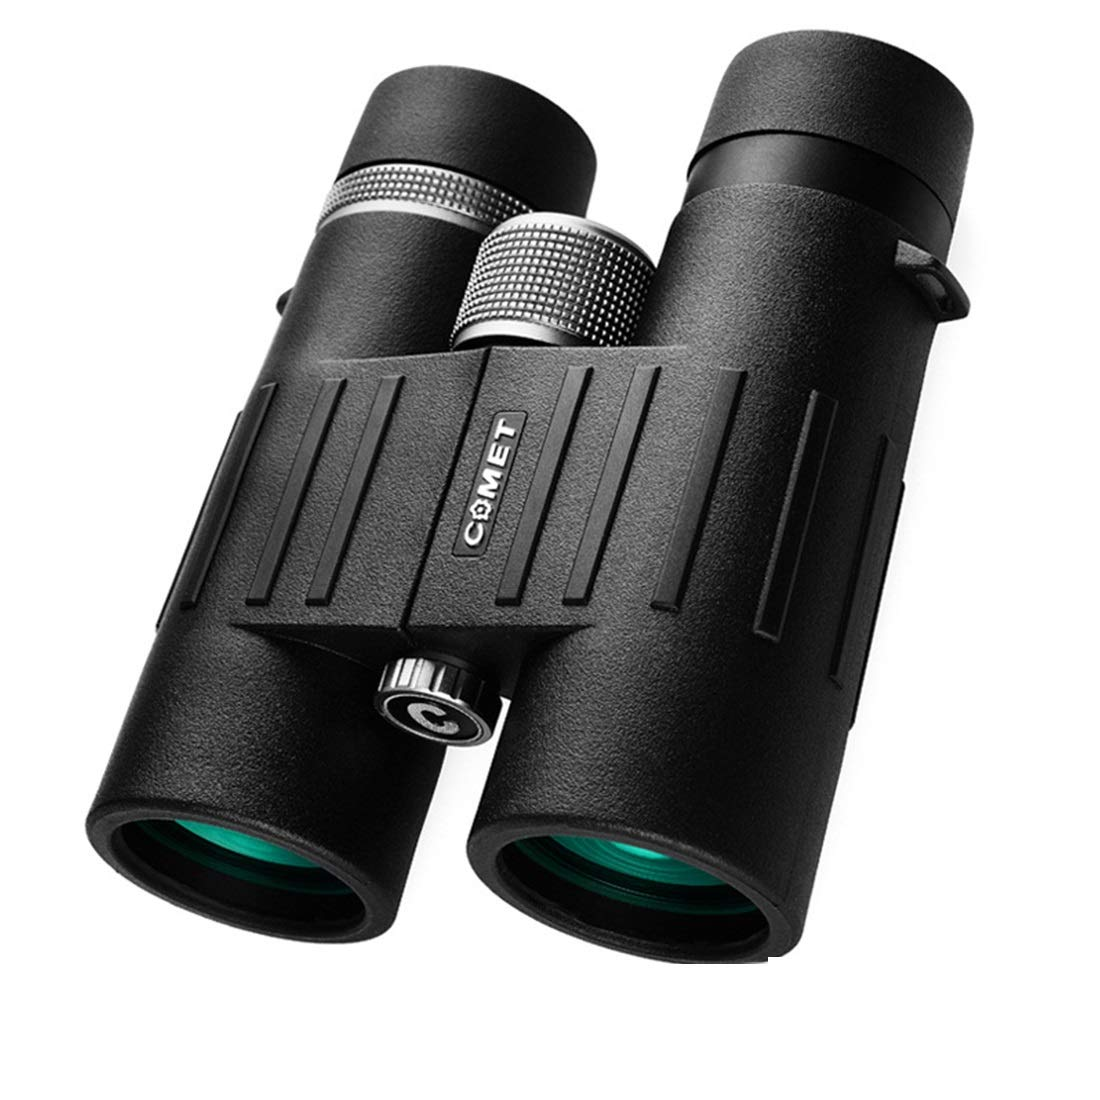 最も完璧な Nekovan B07Q36P3HK Nekovan 大人用8x42双眼鏡コンパクトで防水性の防水双眼鏡望遠鏡バードウォッチングハイキング用 B07Q36P3HK, SWEETBABY:f472bec0 --- berkultura.ru